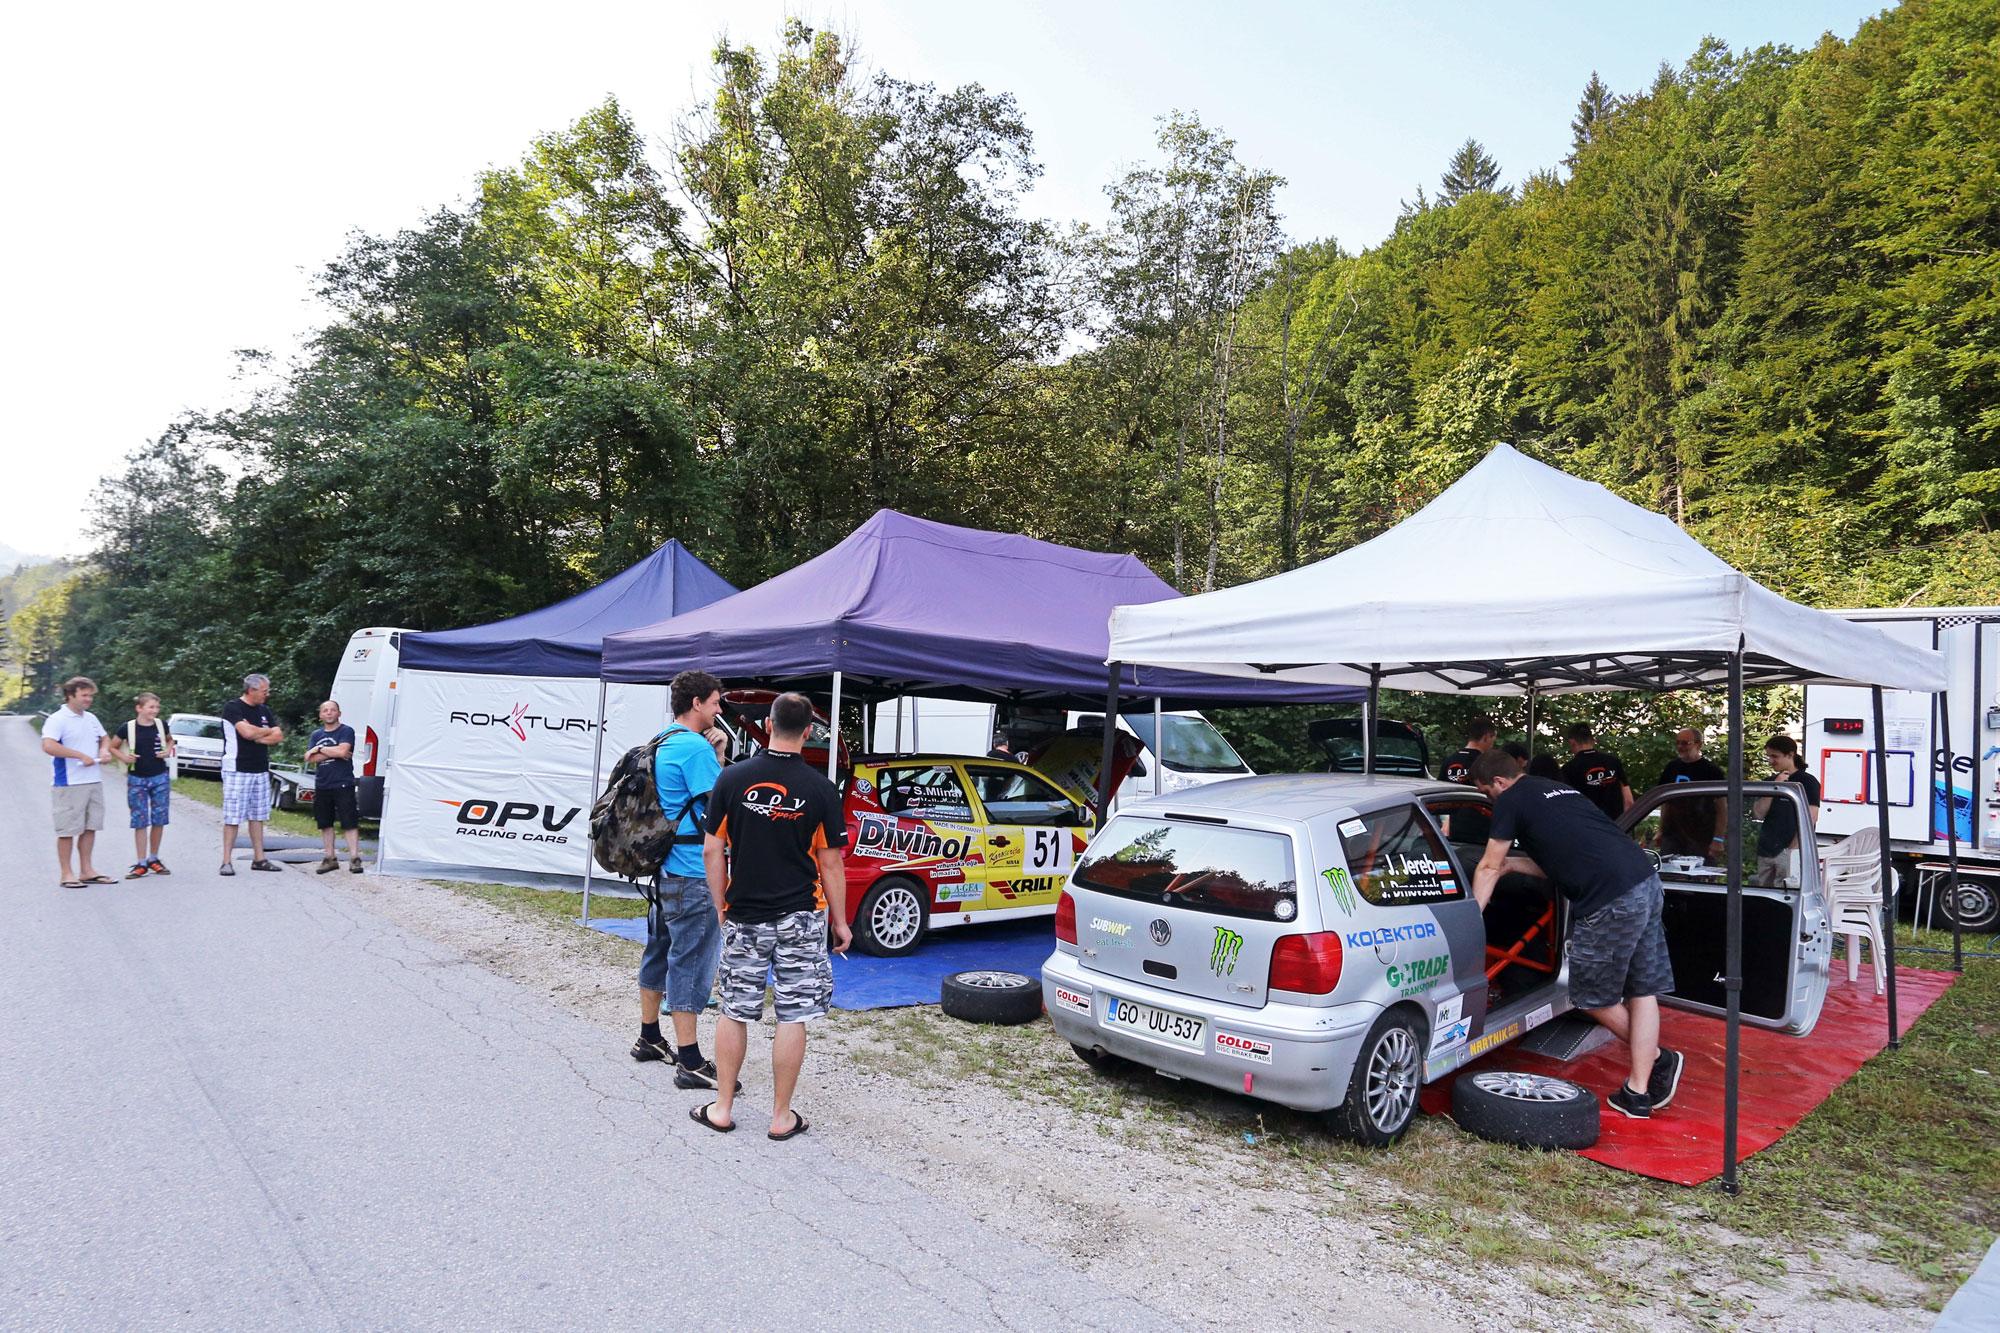 Uspešen nastop za ekipo OPV Šport na domači dirki v Lučinah